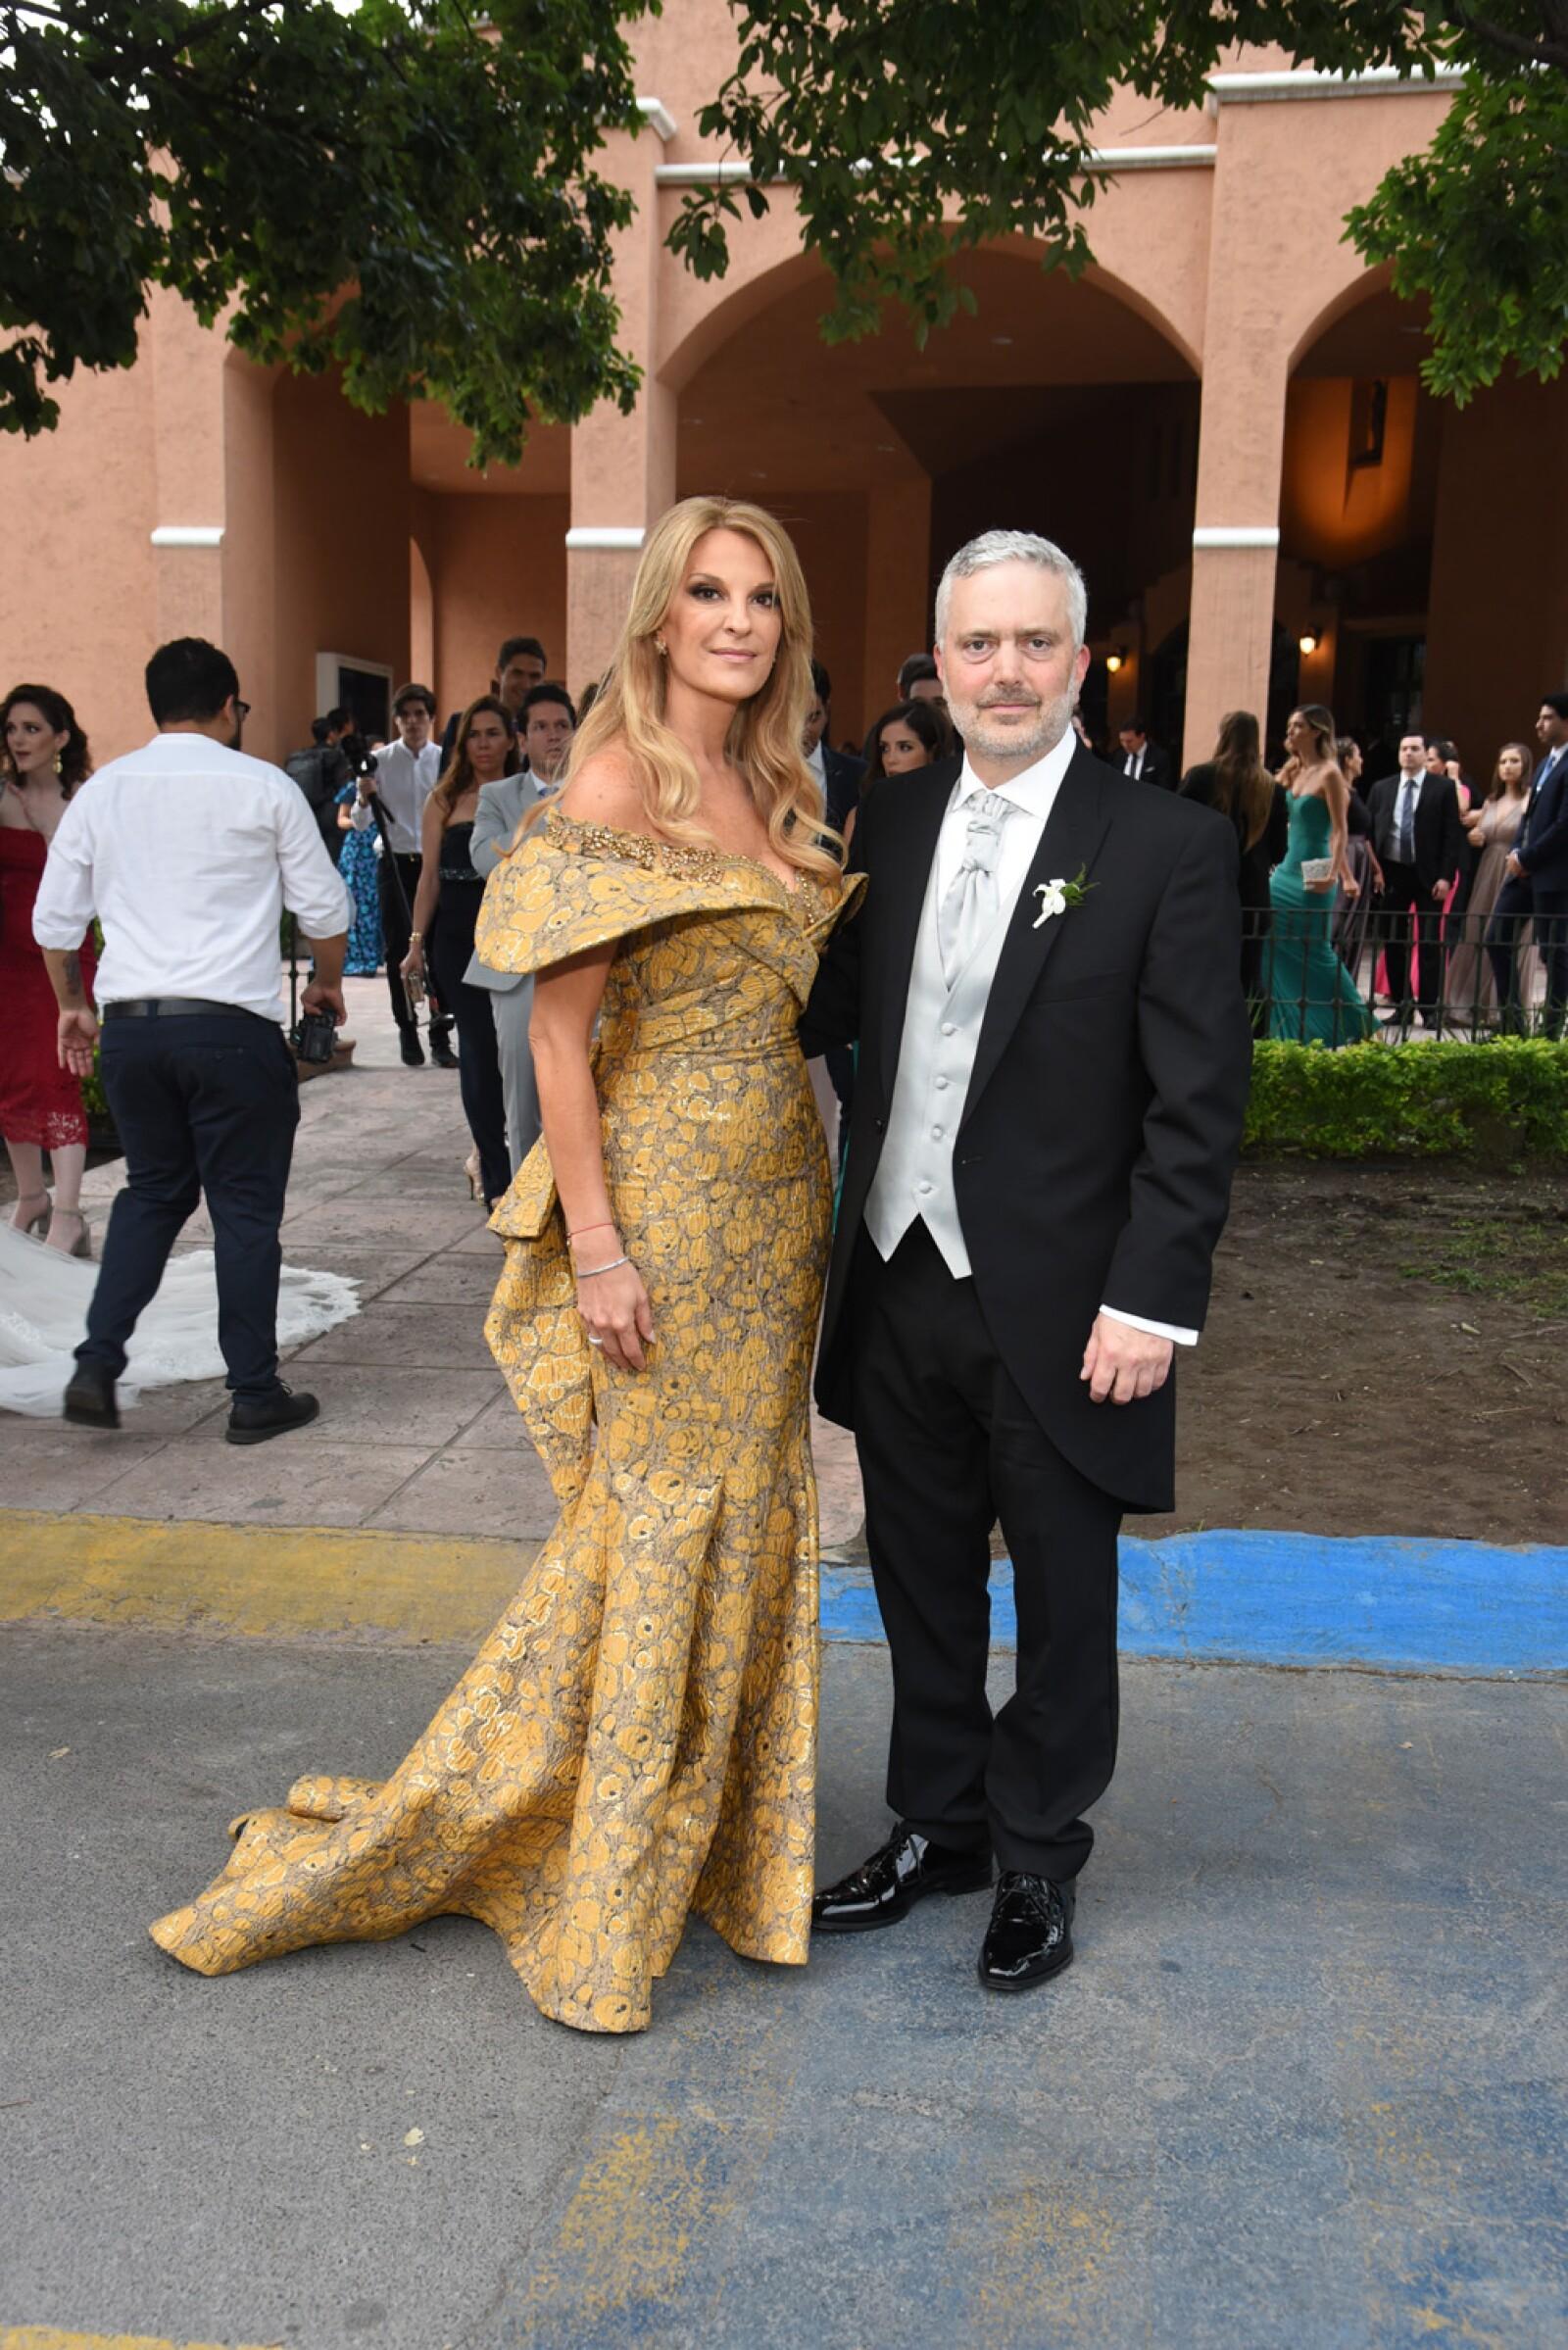 Maru Garcia Noriega de Gonzalez Ballesteros y David Gonzalez Ballesteros,  pap†s de la novia.jpg